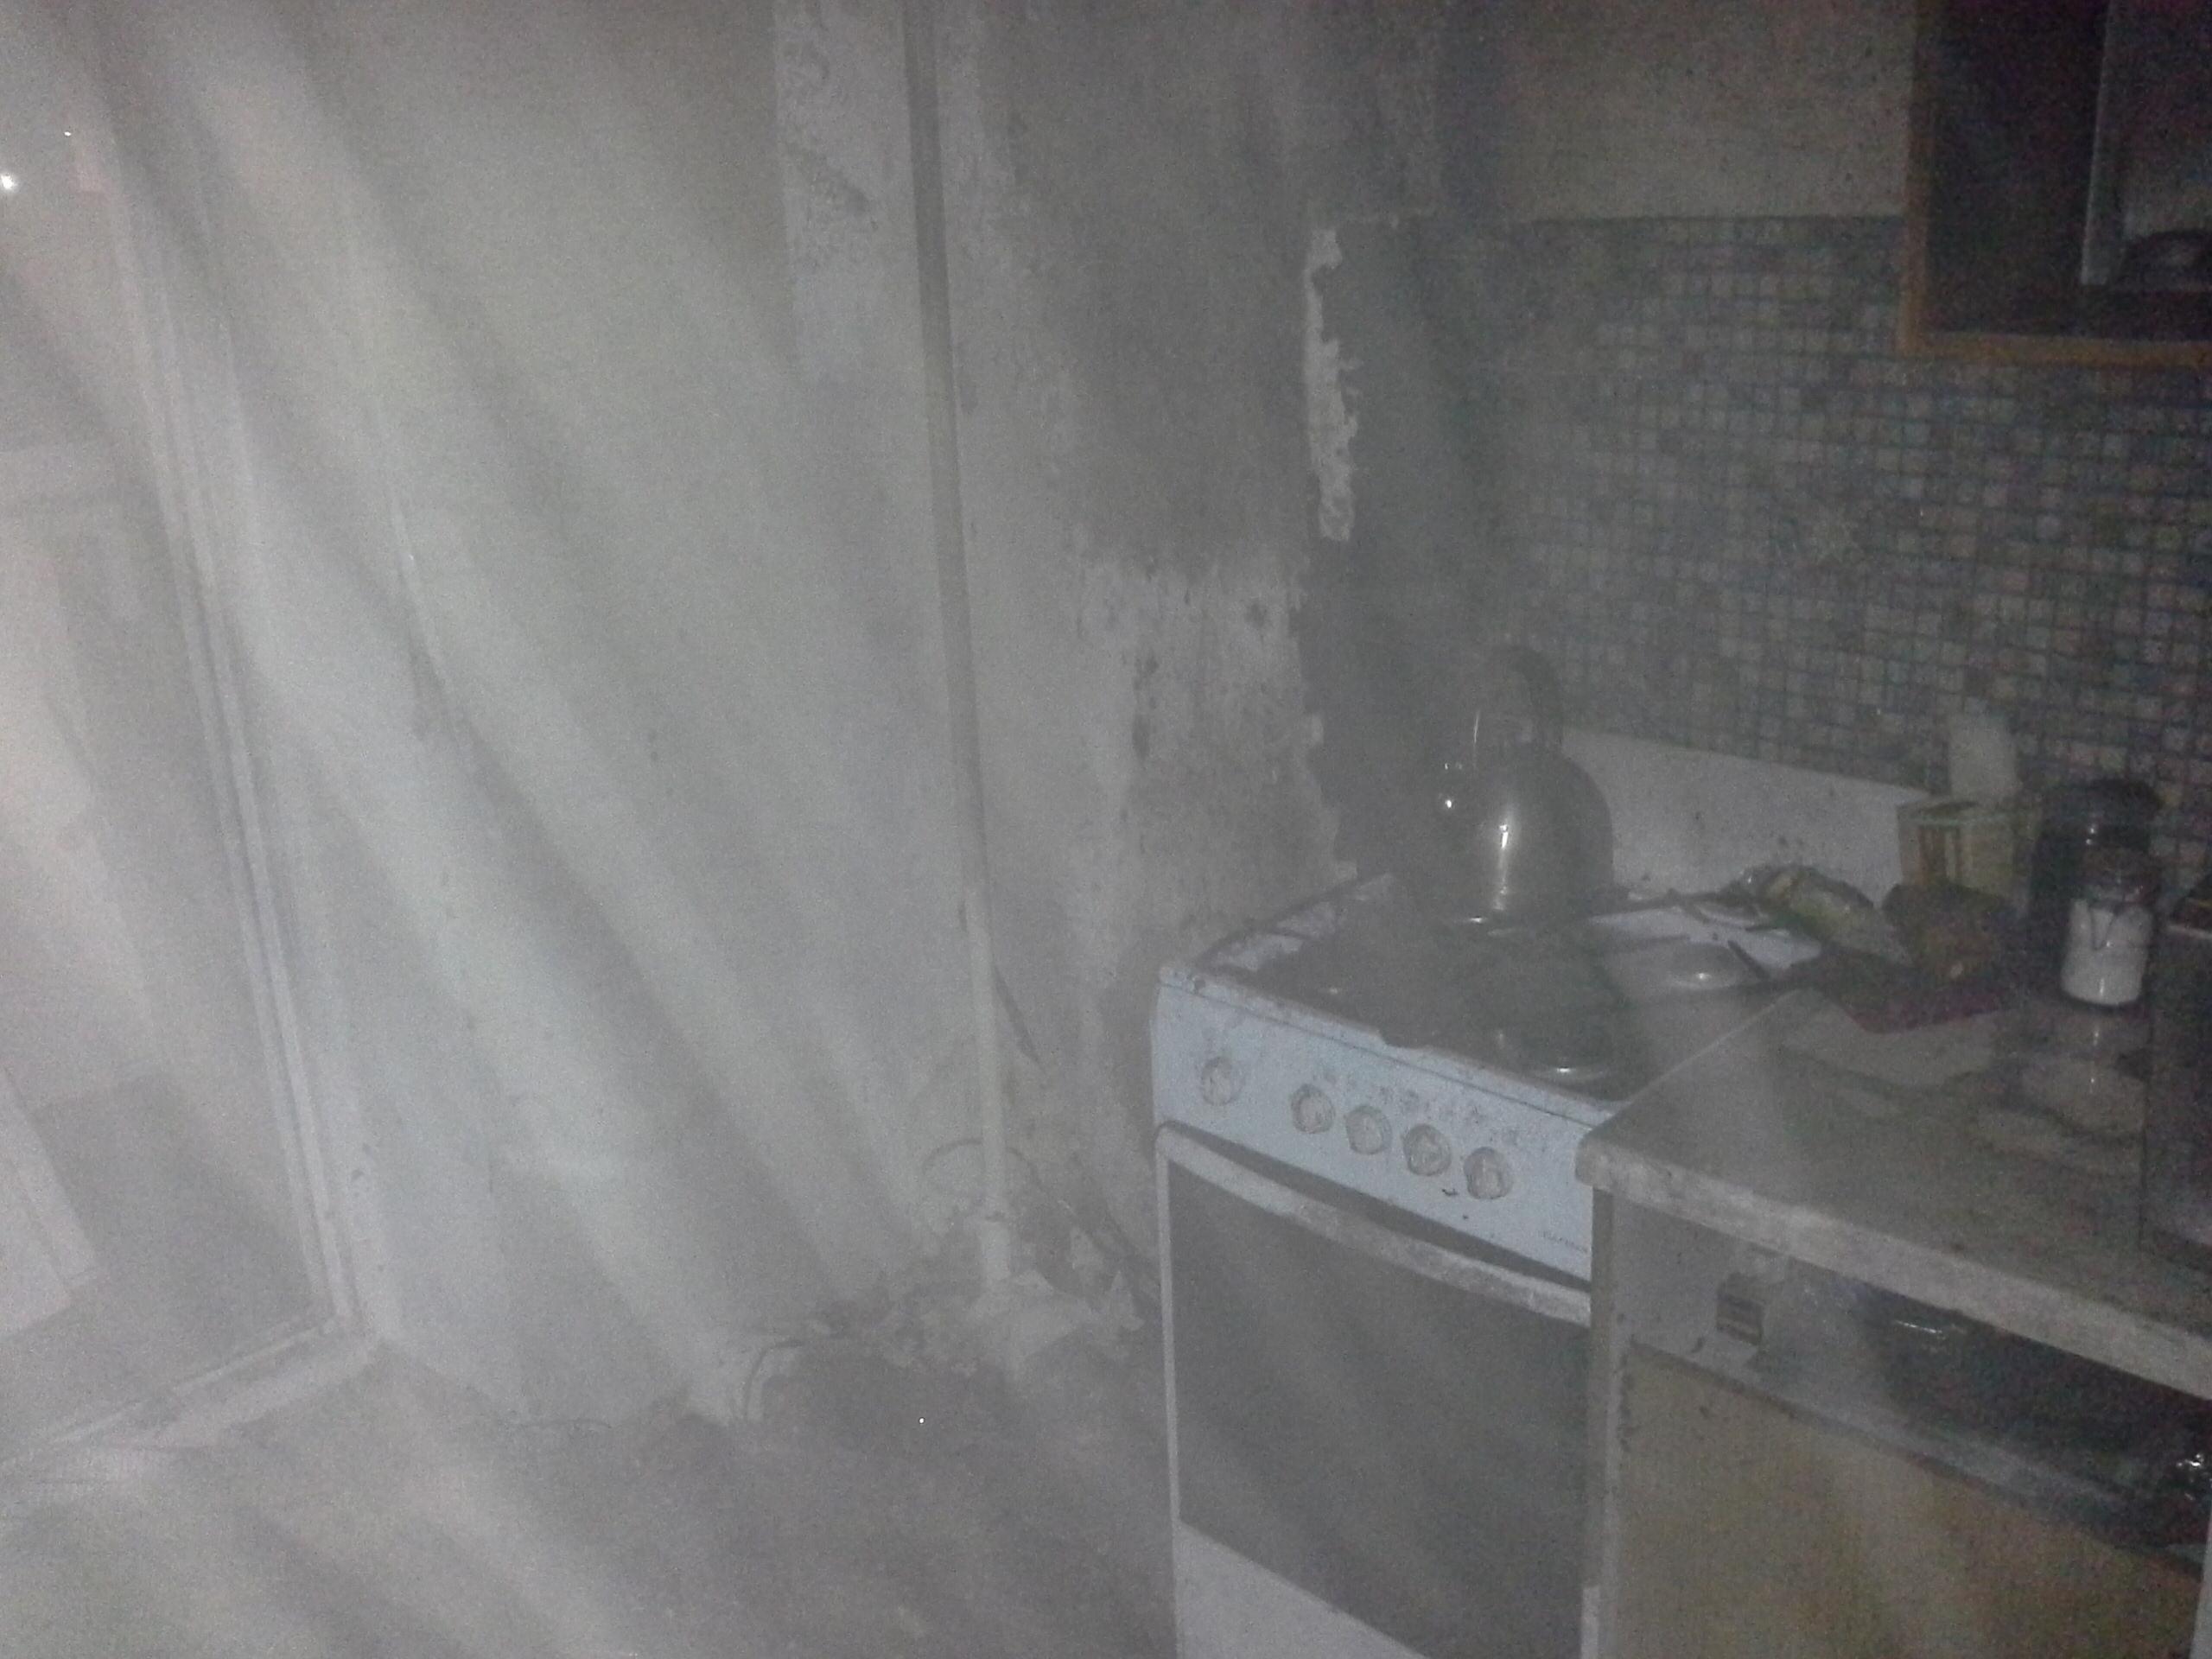 В Альметьевске на пожаре спасена женщина и эвакуированы 15 человек (ФОТО)